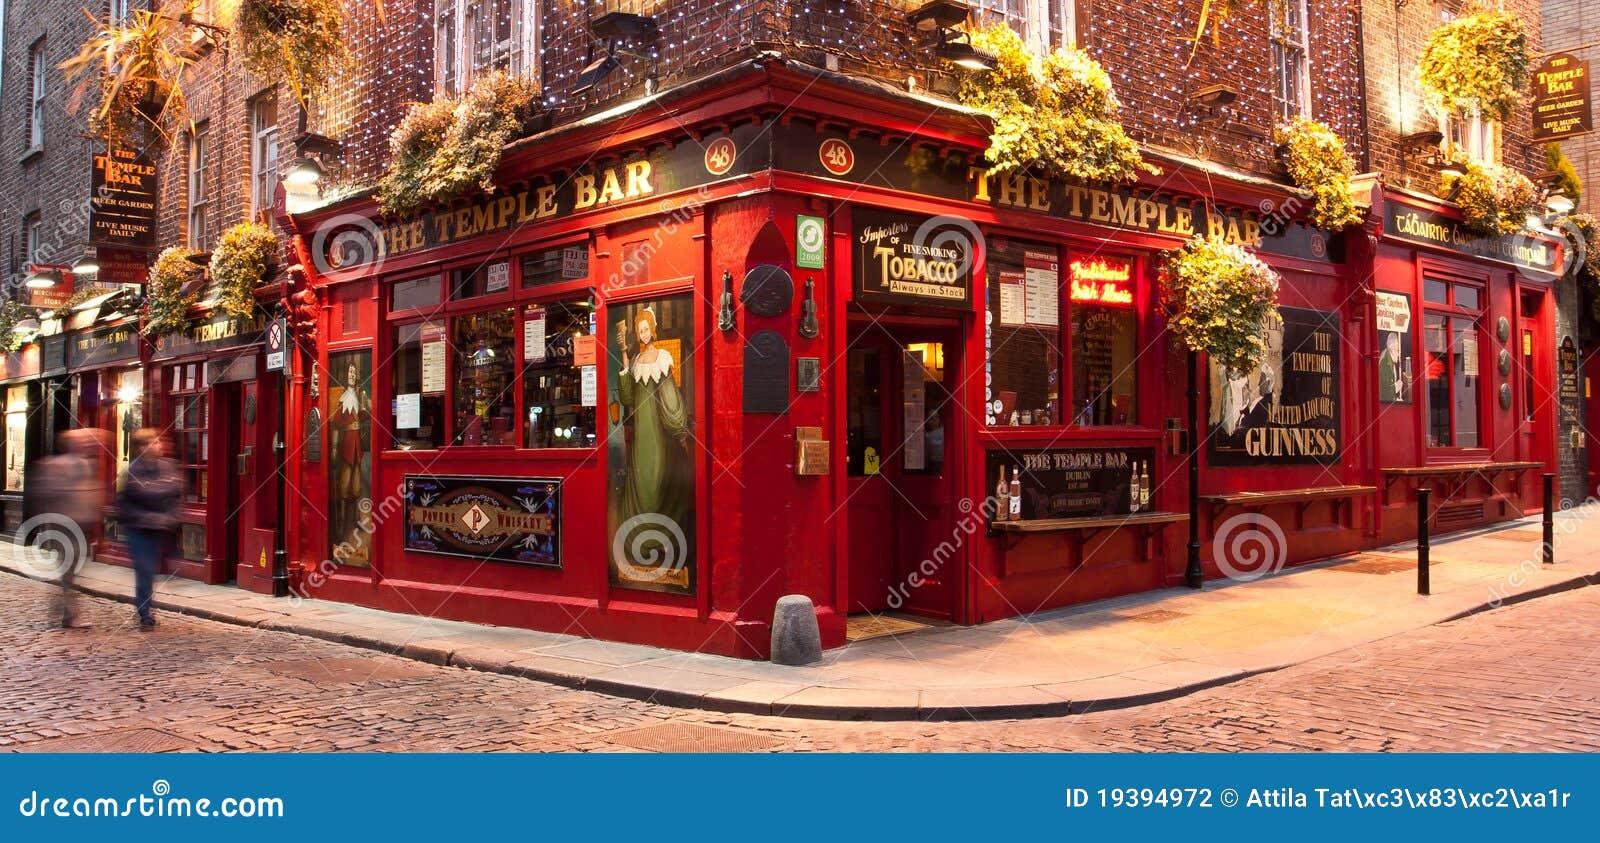 Pub Dublin de bar de temple